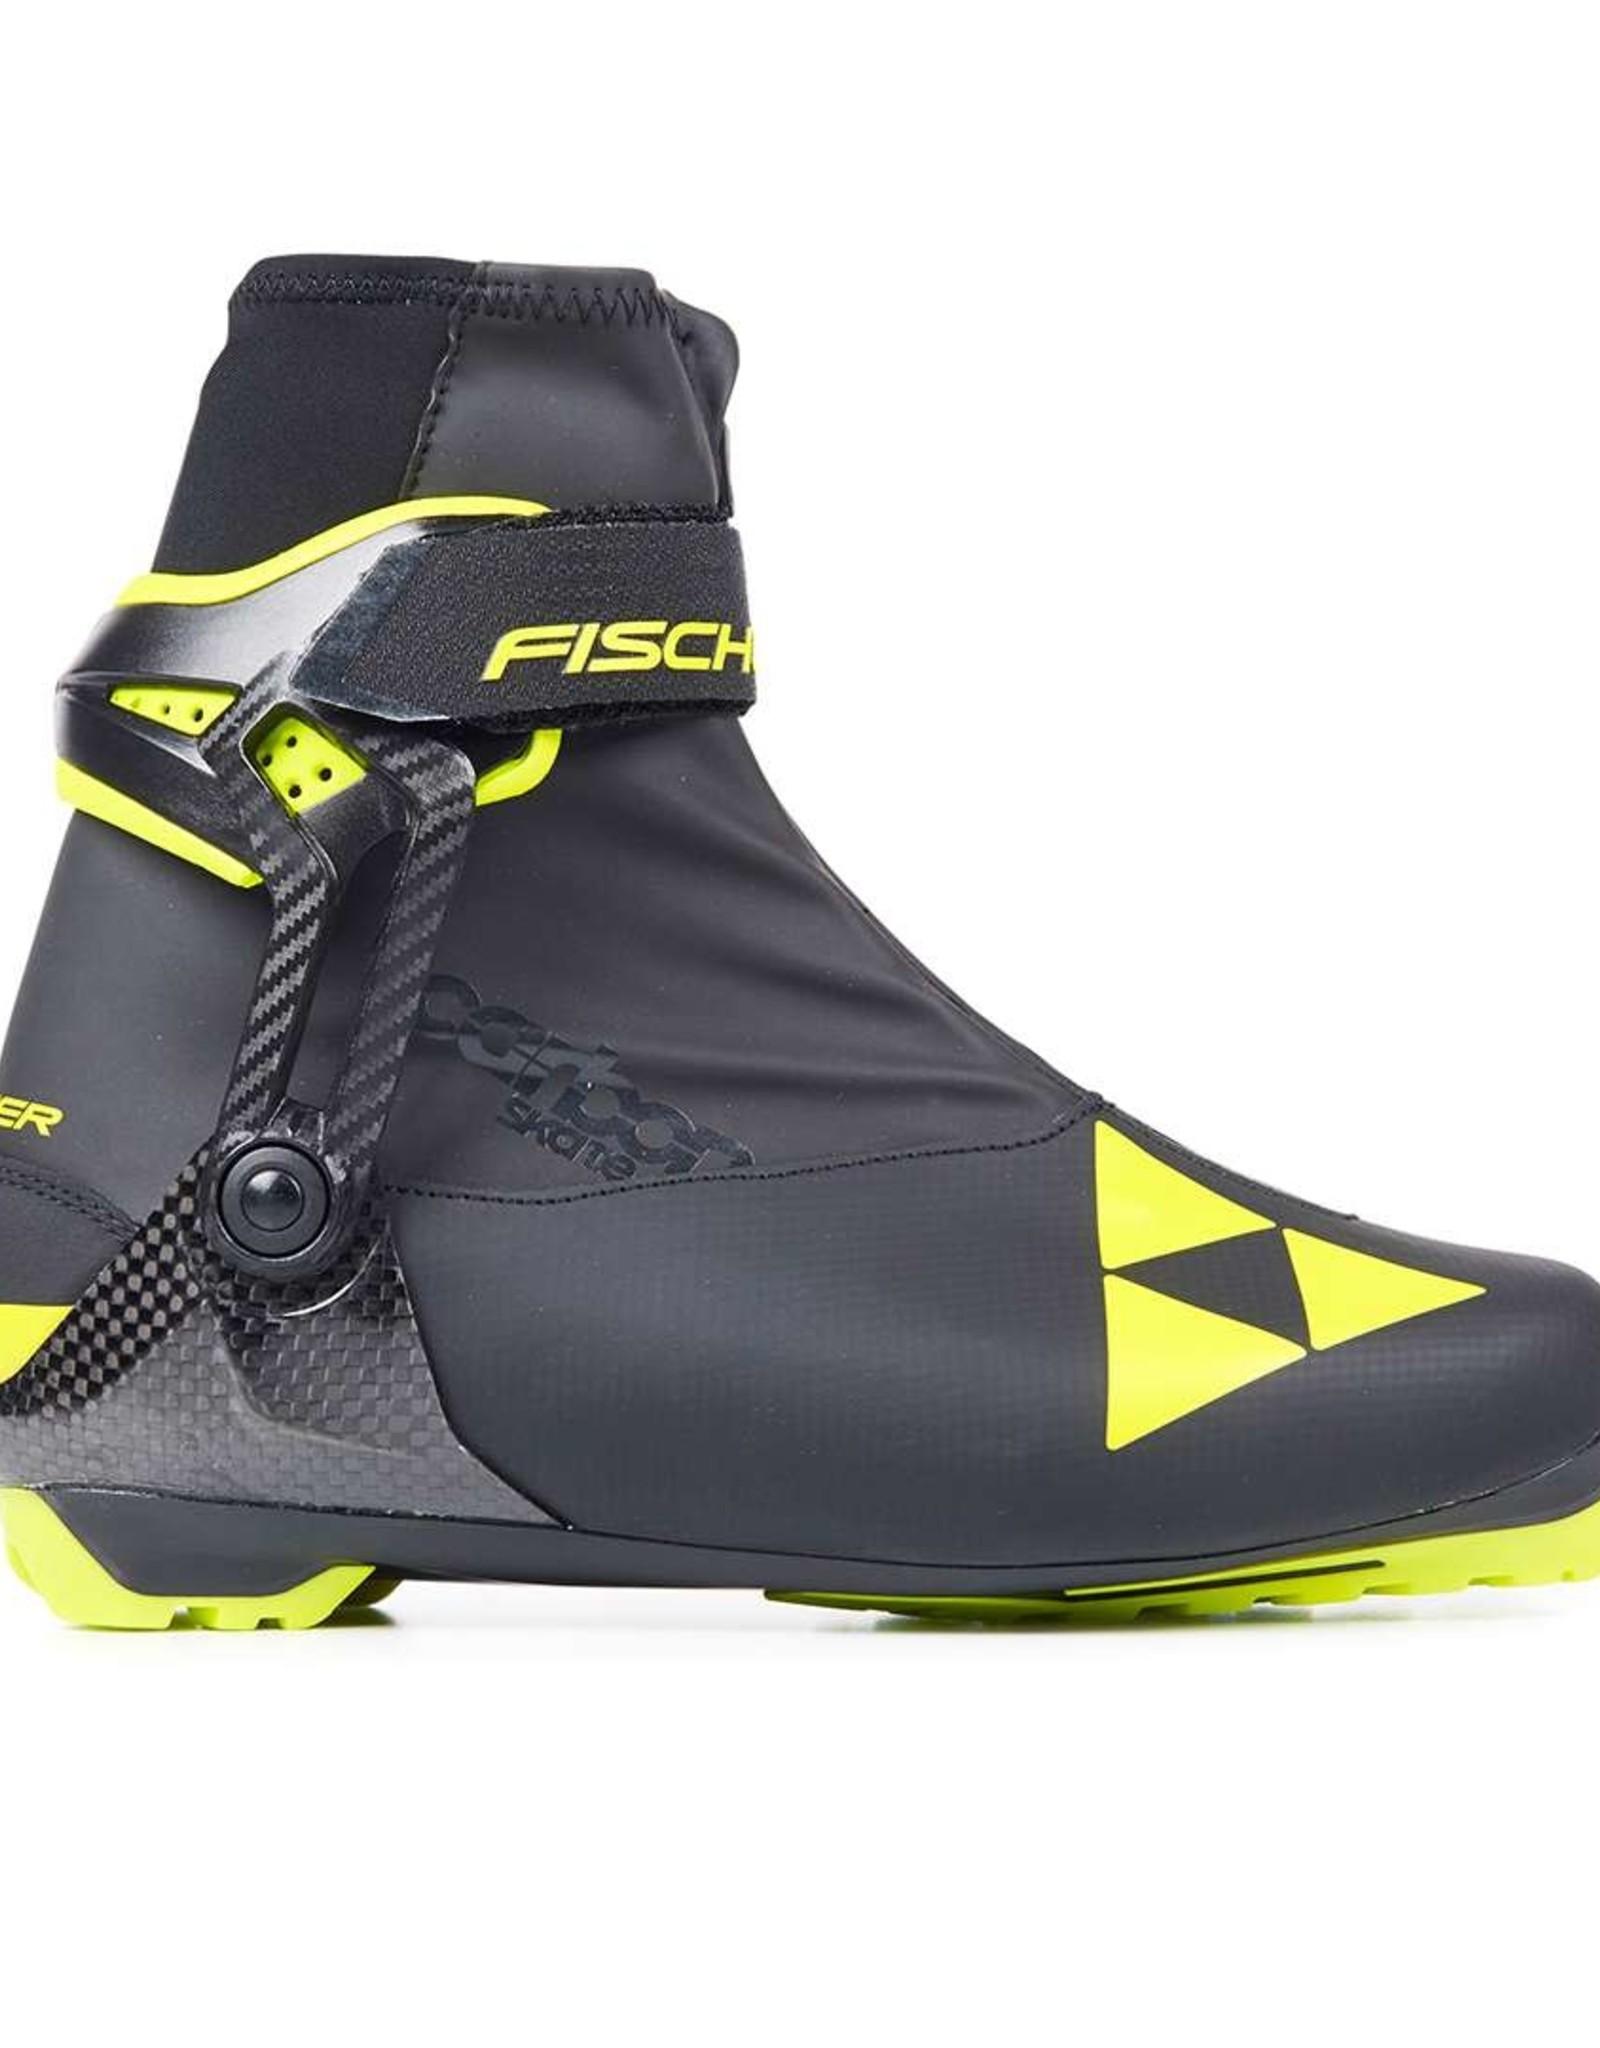 Fischer RCS Carbon Skate Boot